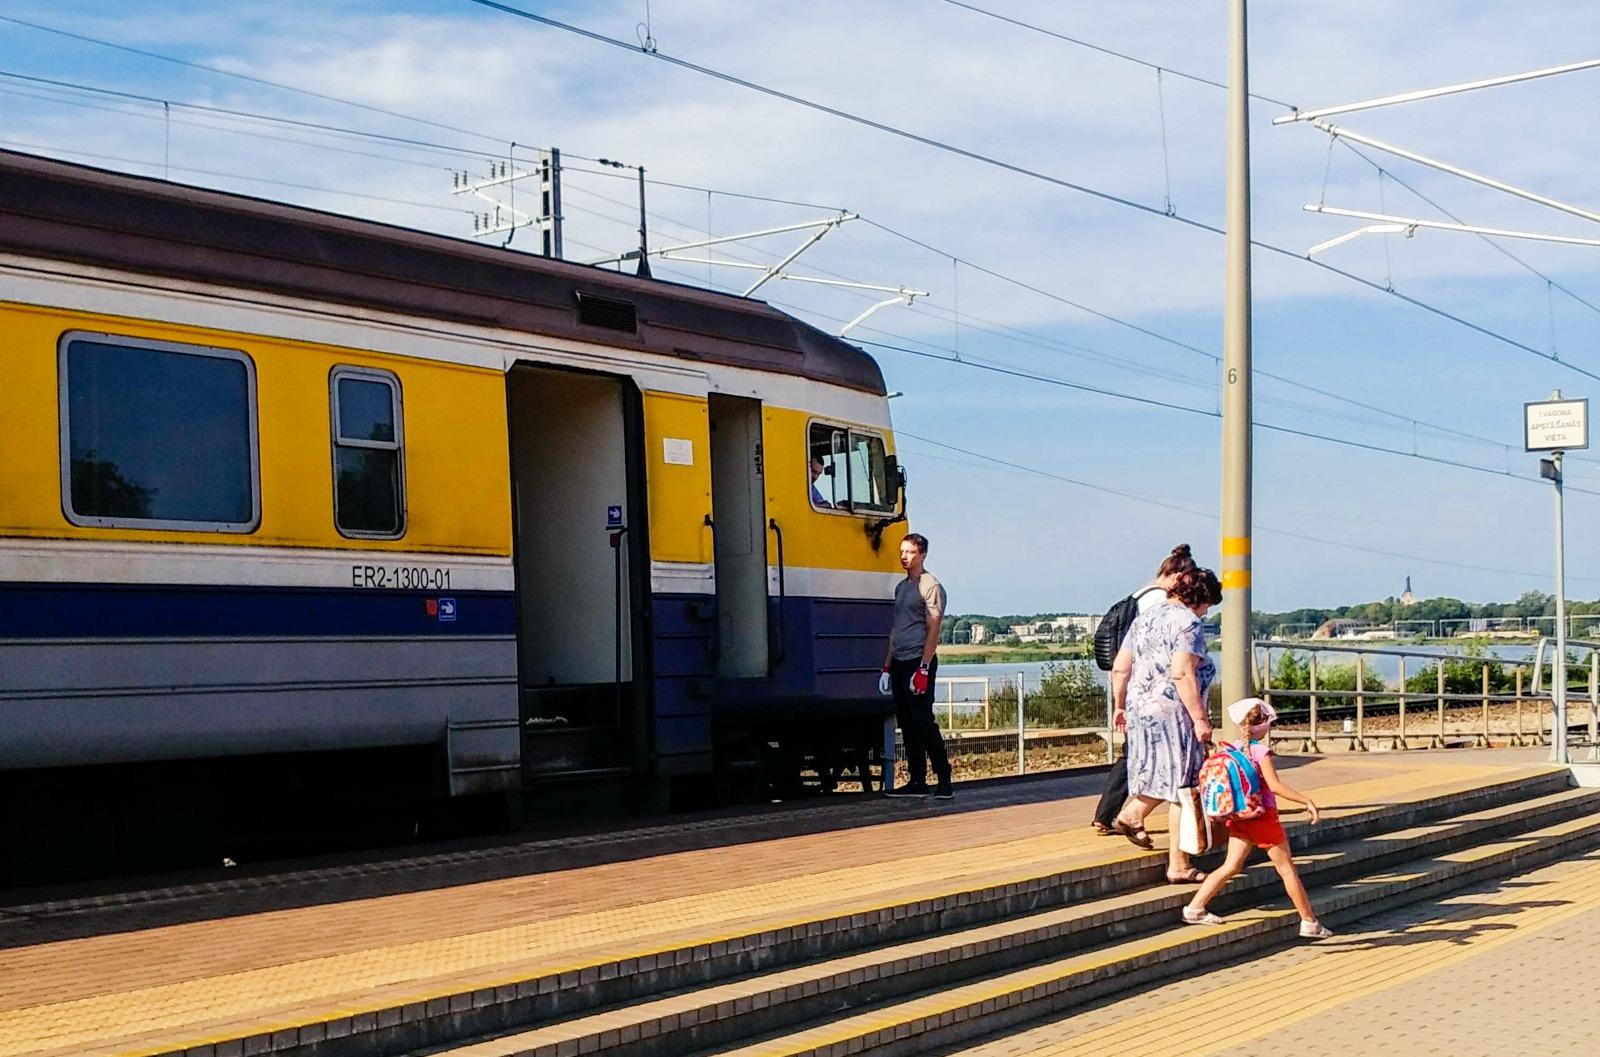 Mit dem Zug von Riga nach Jurmala, Majori